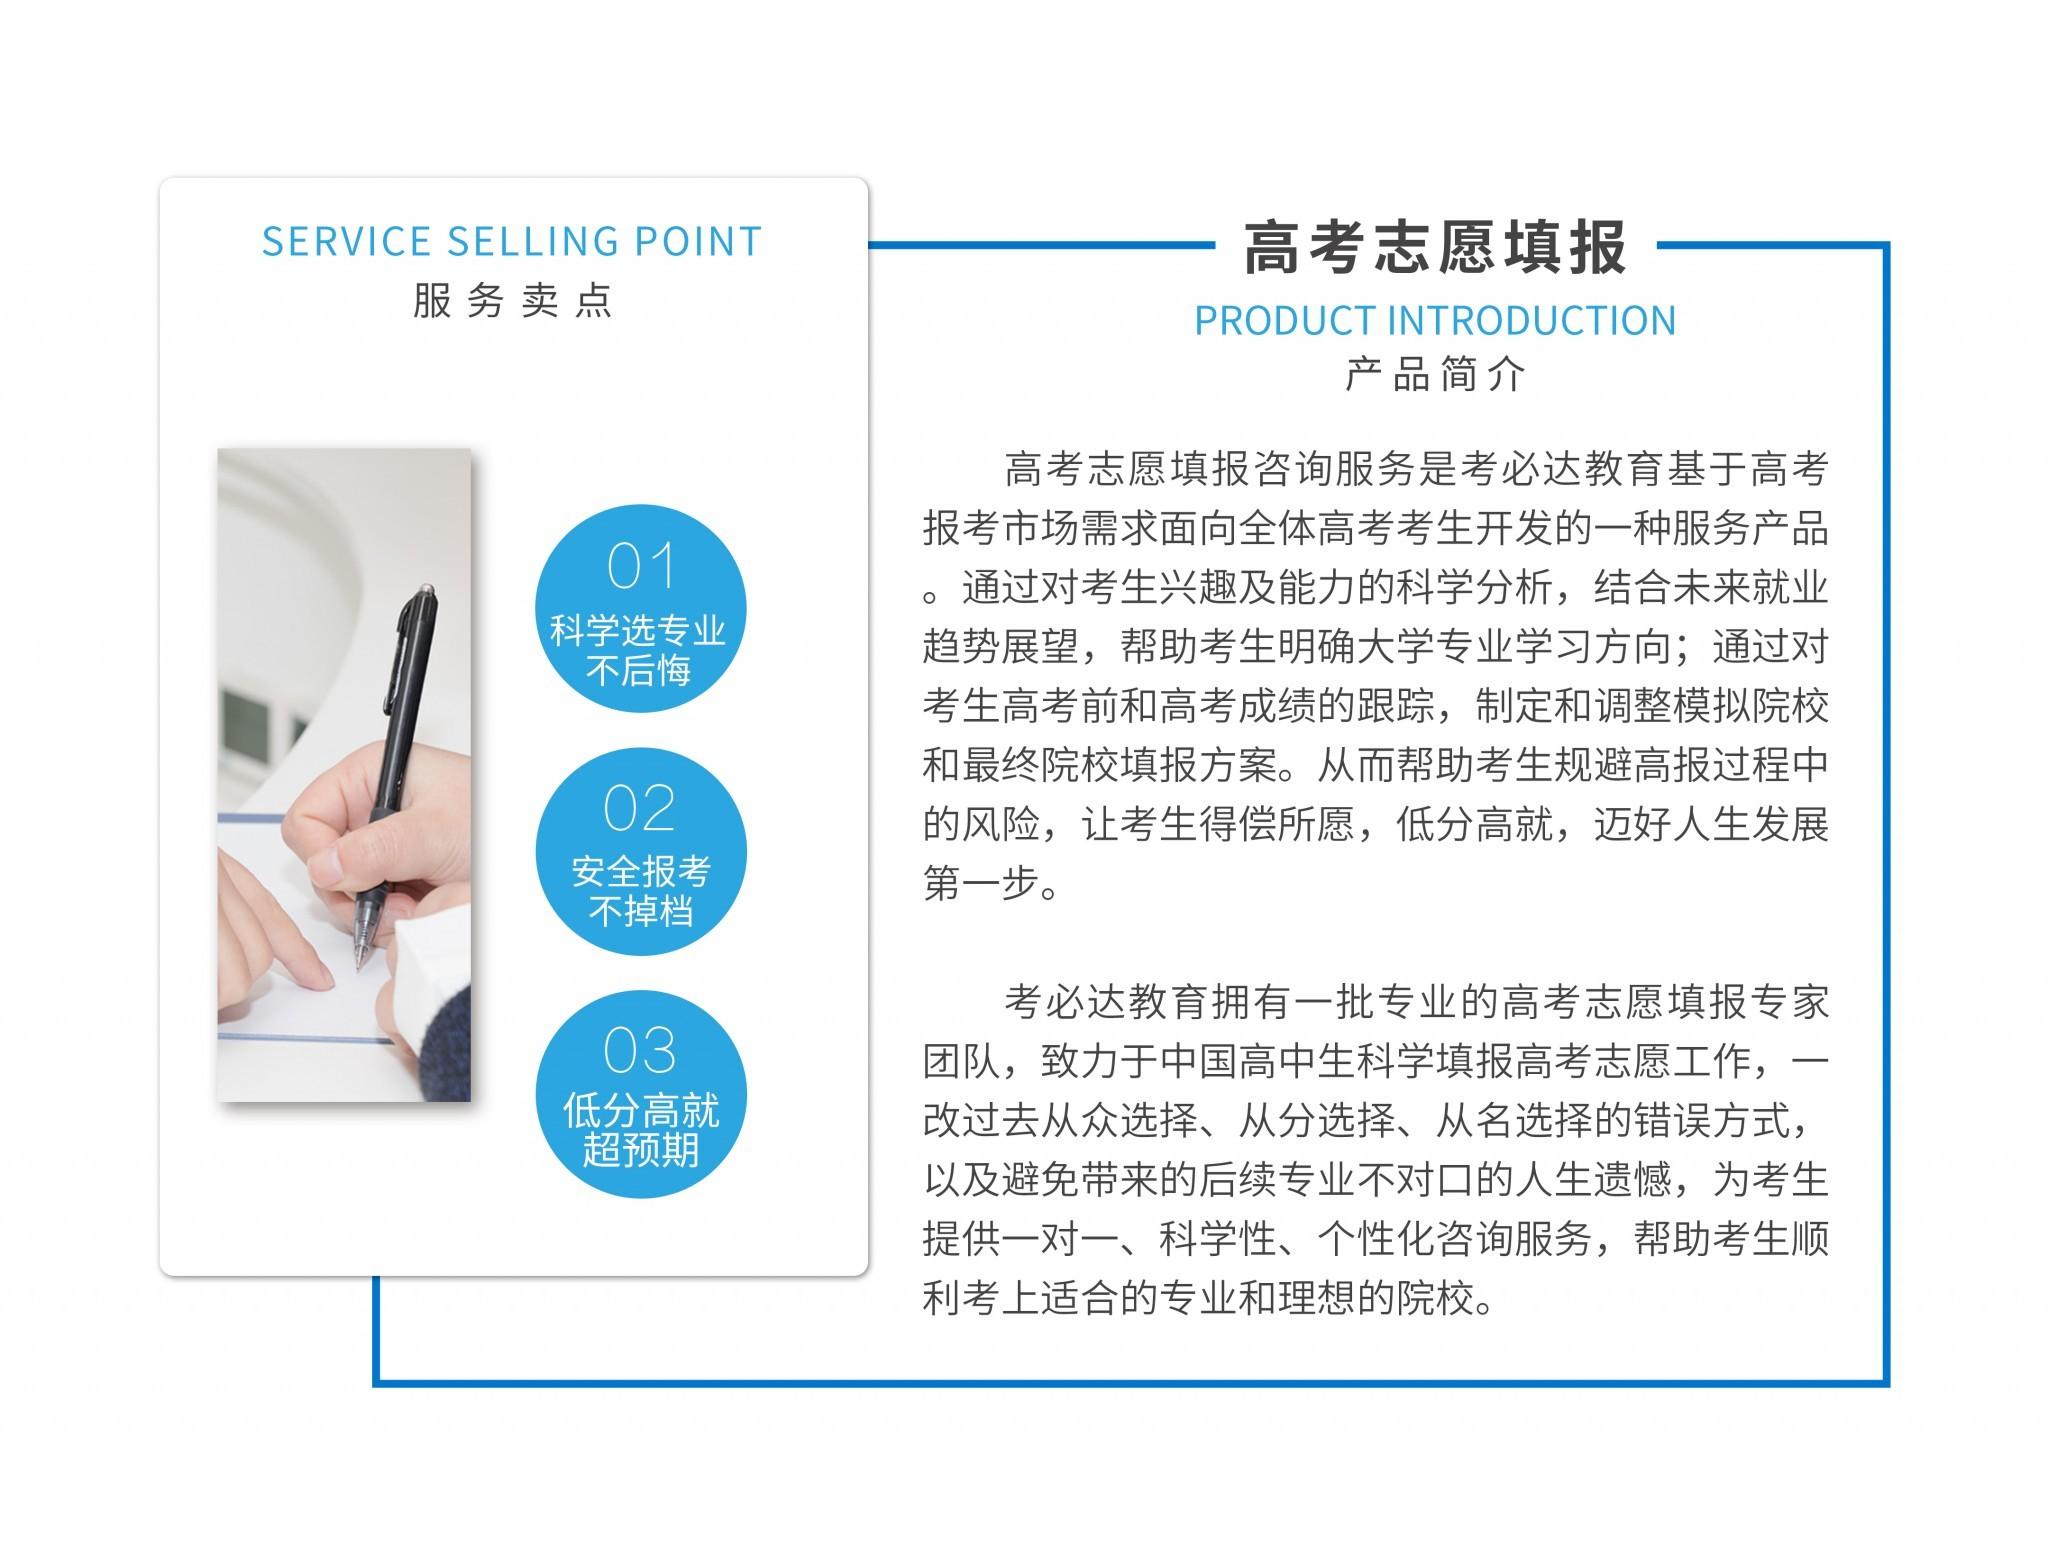 HUO--02孵化服务-01提供产品_04